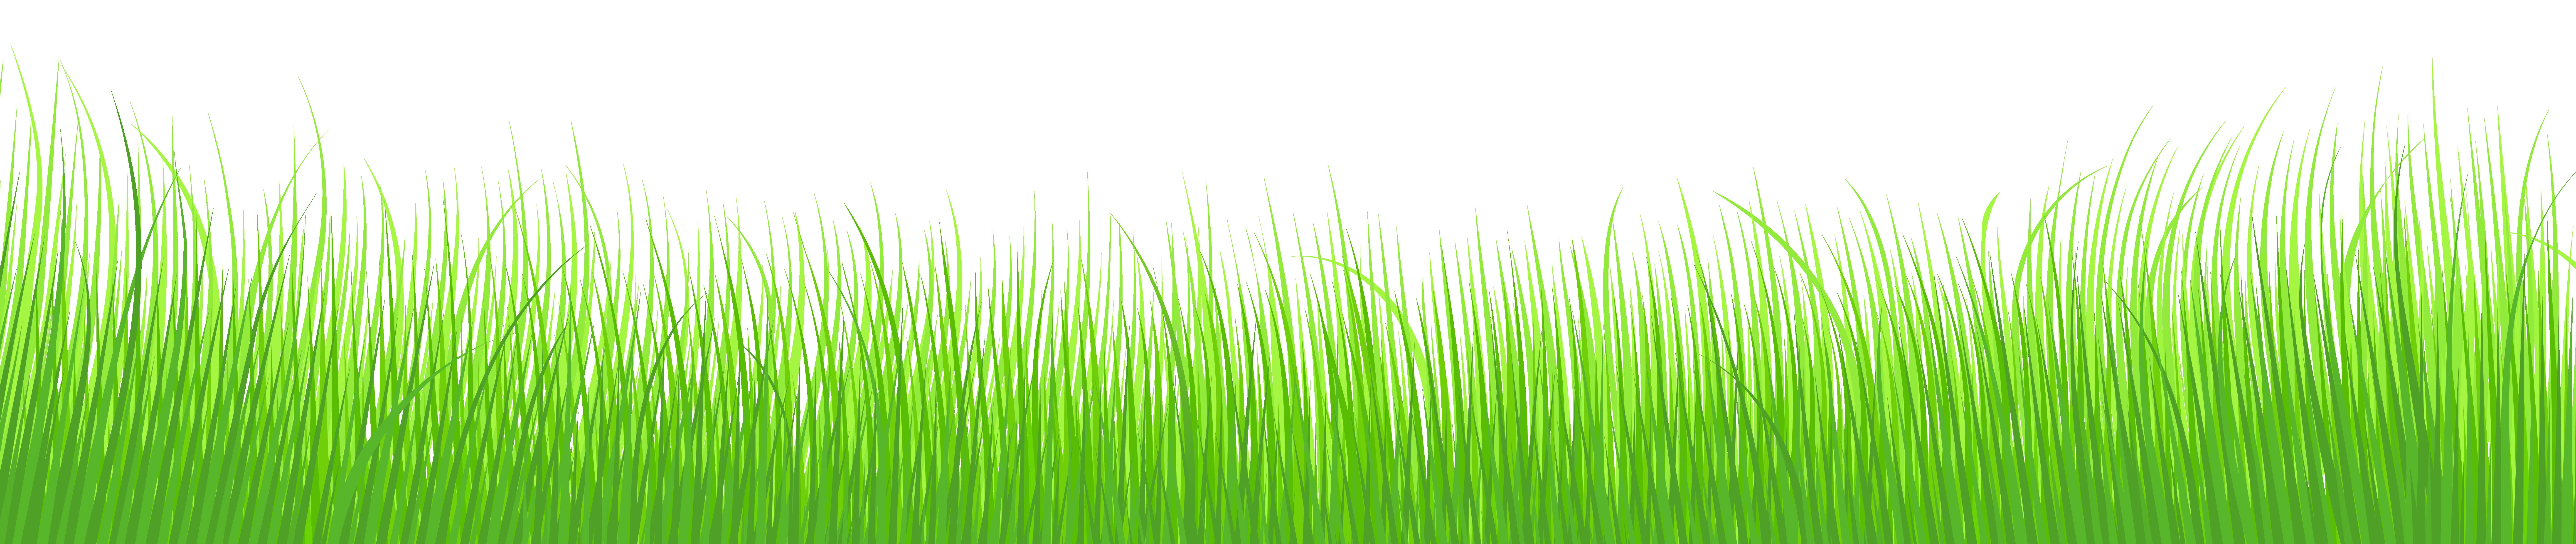 Spring Grass Transparent Clip Art Image-Spring grass transparent clip art image-16